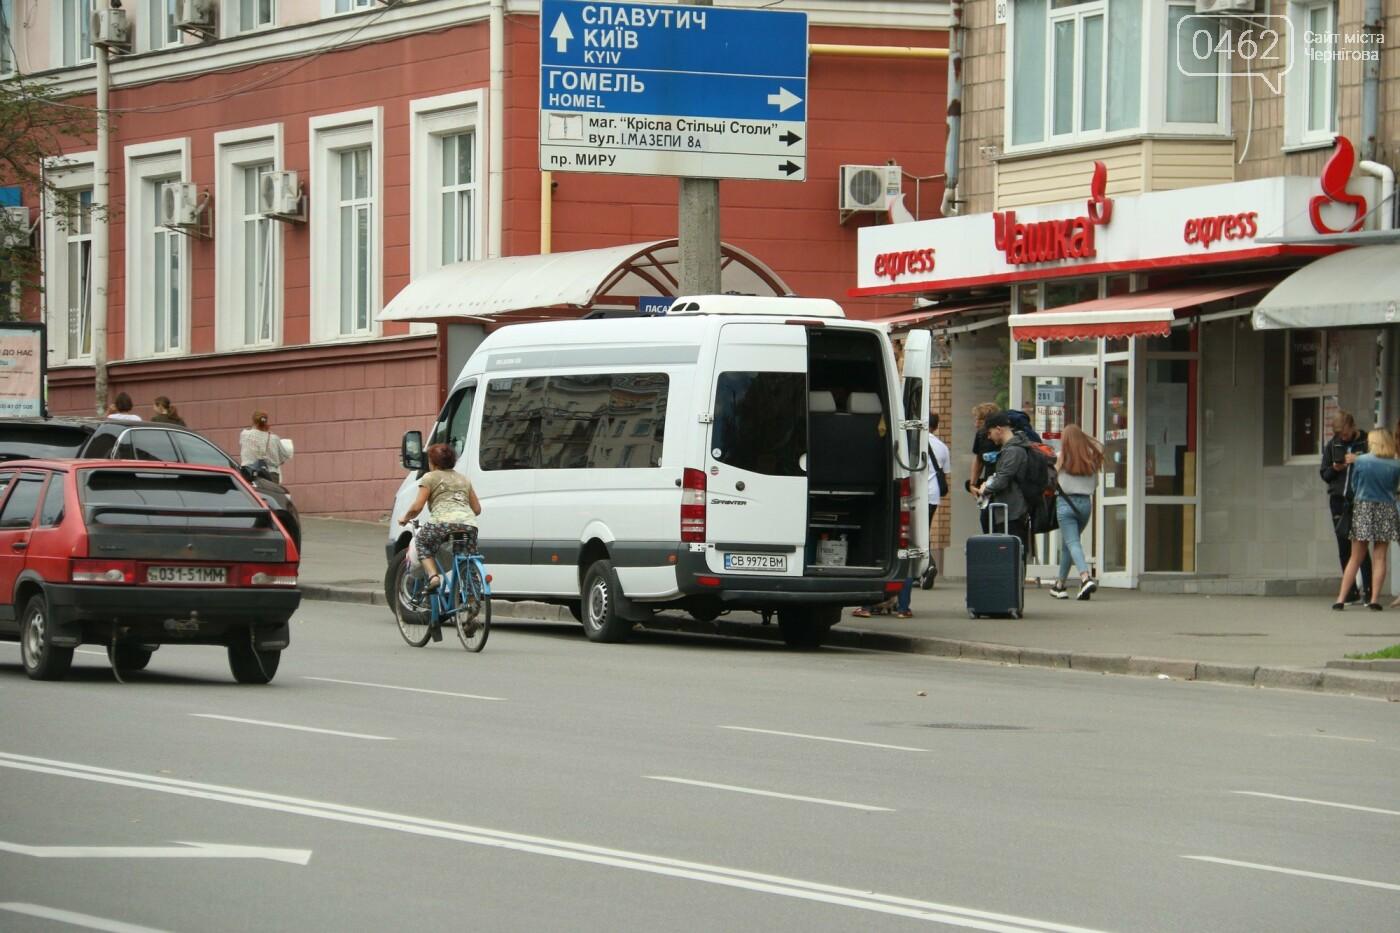 Боротьба за пасажира триває: маршрутки на Київ знизили ціну за проїзд, але не всі, фото-1